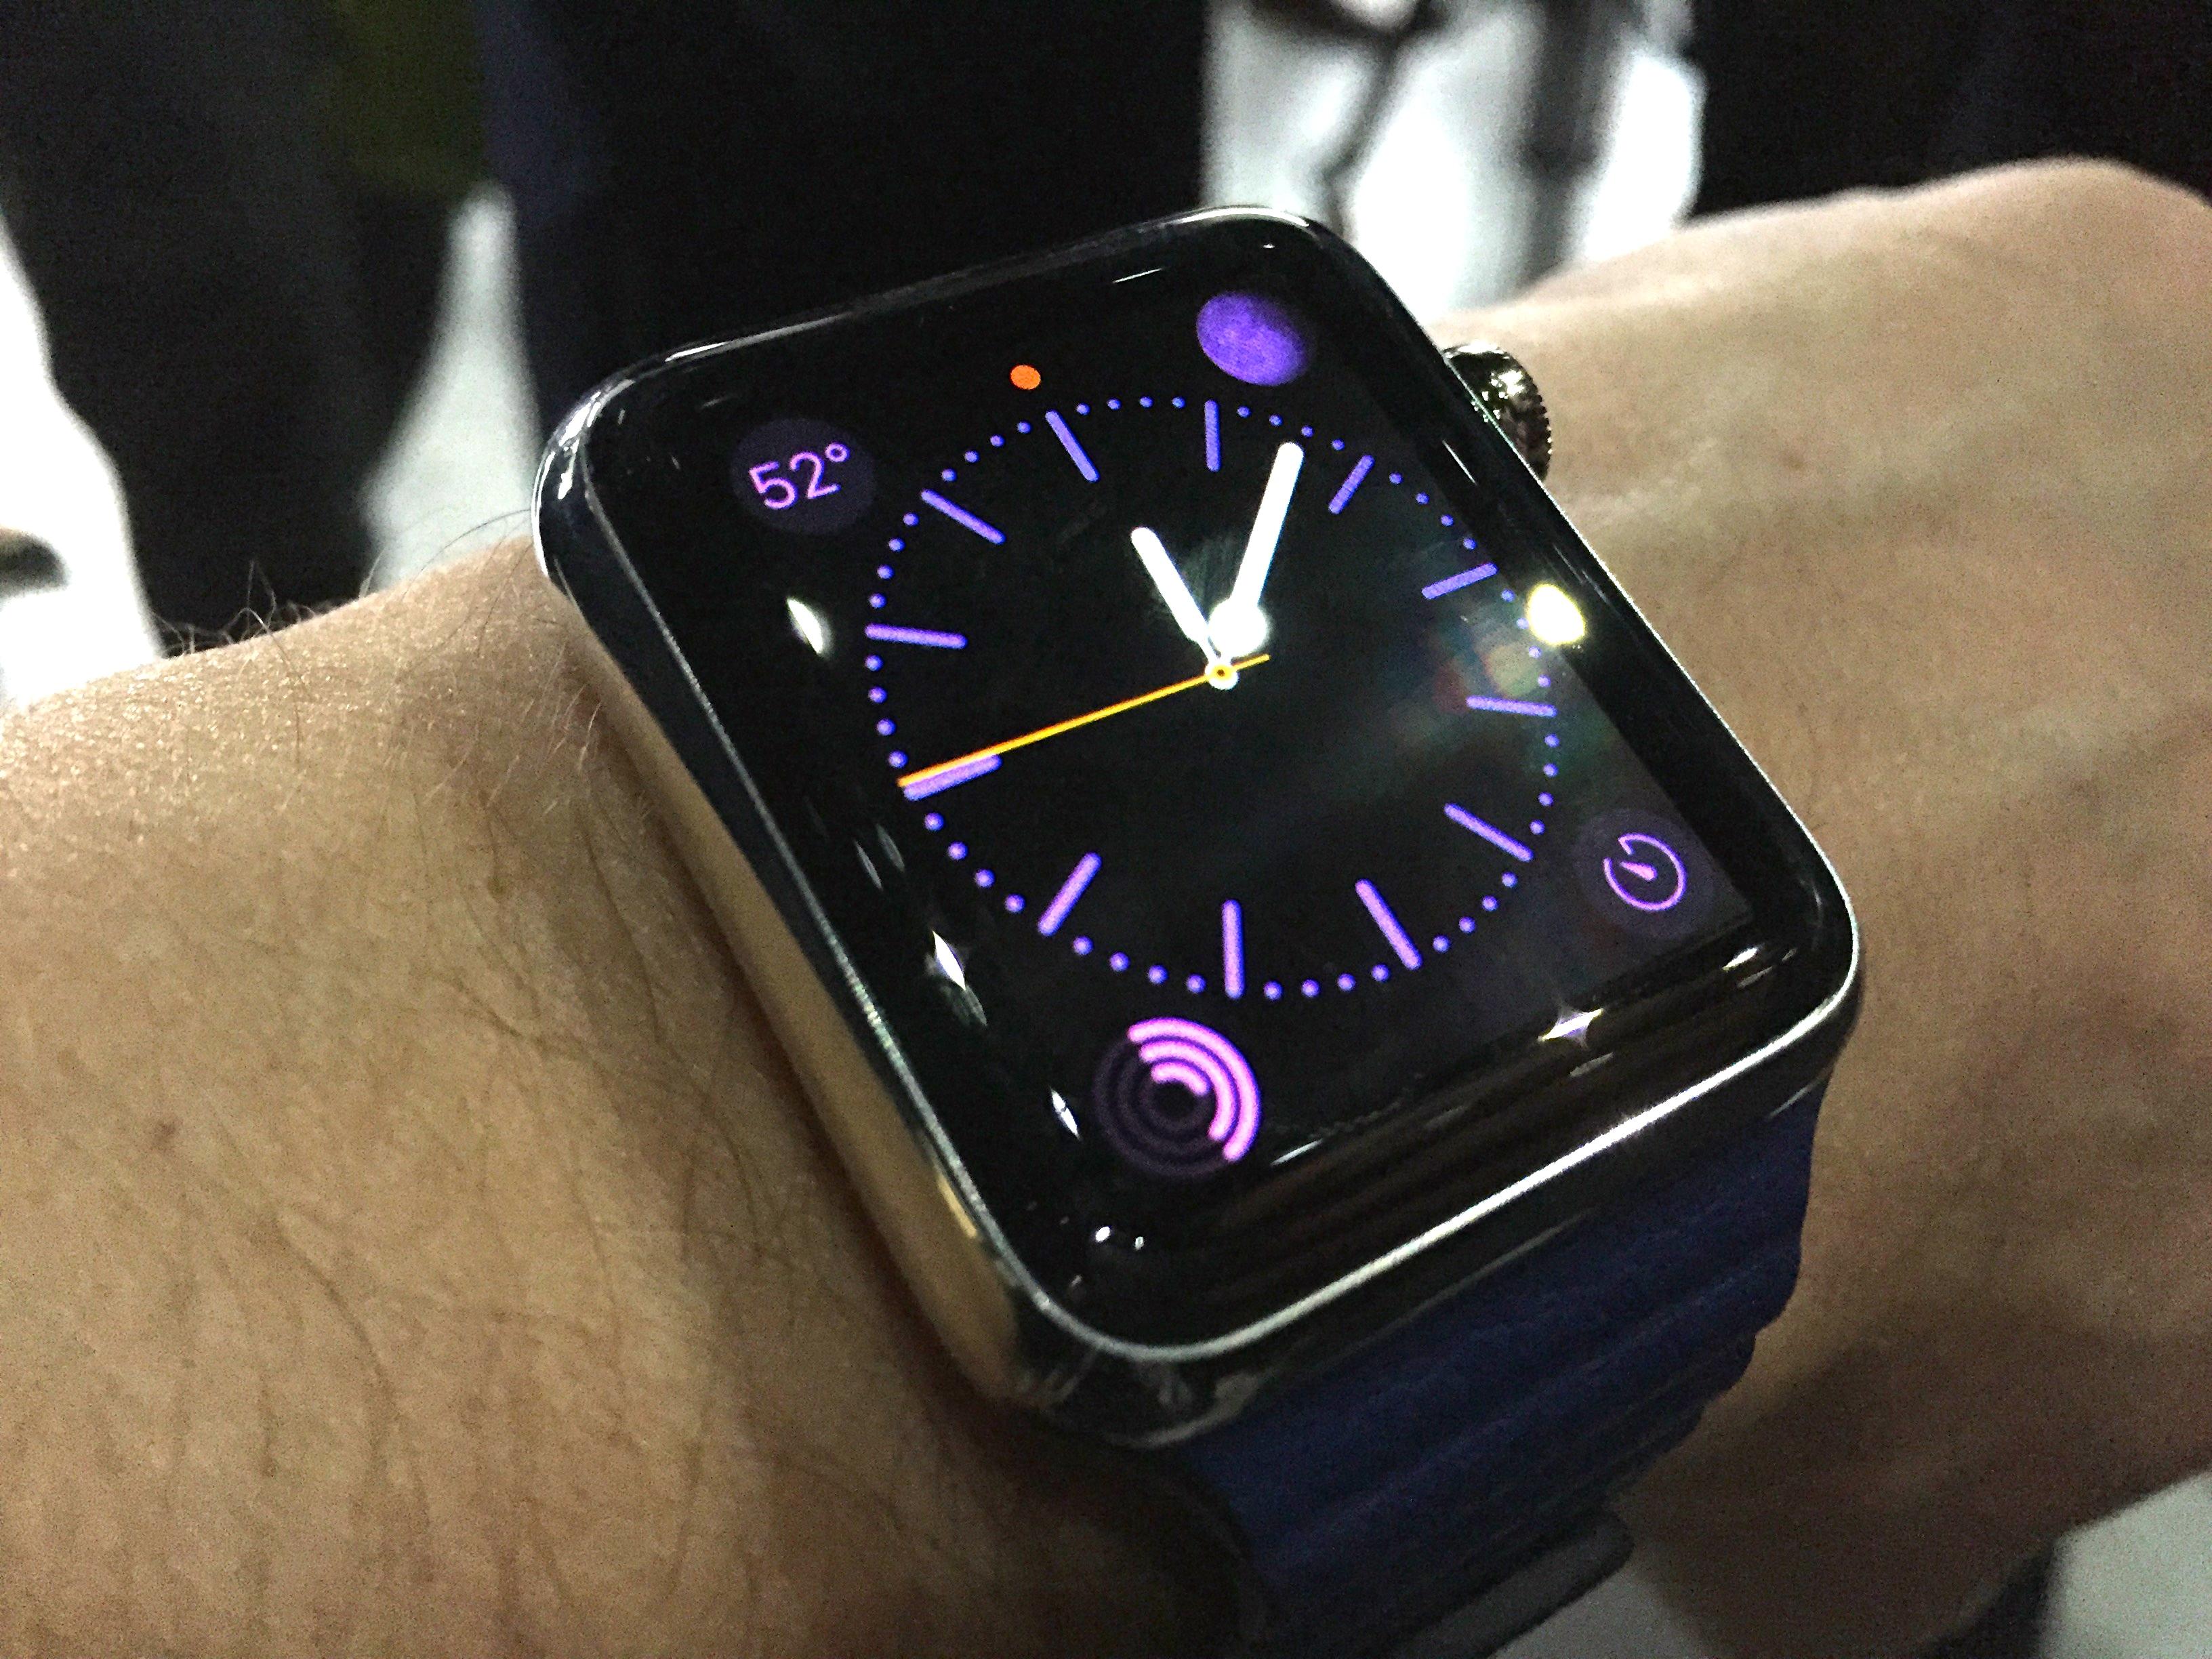 Apple Watch 42mm on wrist